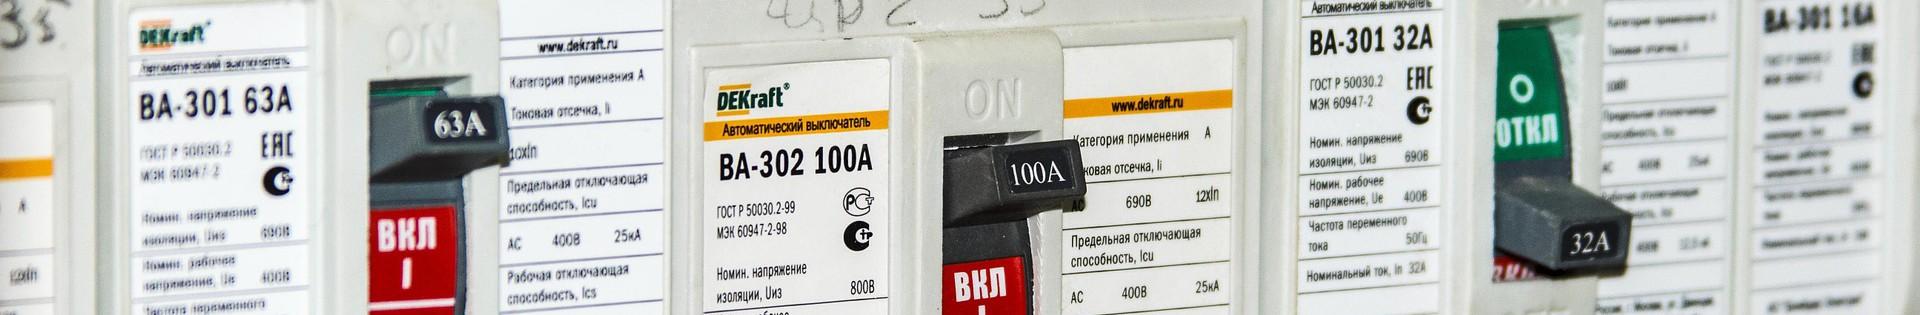 Naprawa i konserwacja urządzeń elektrycznych